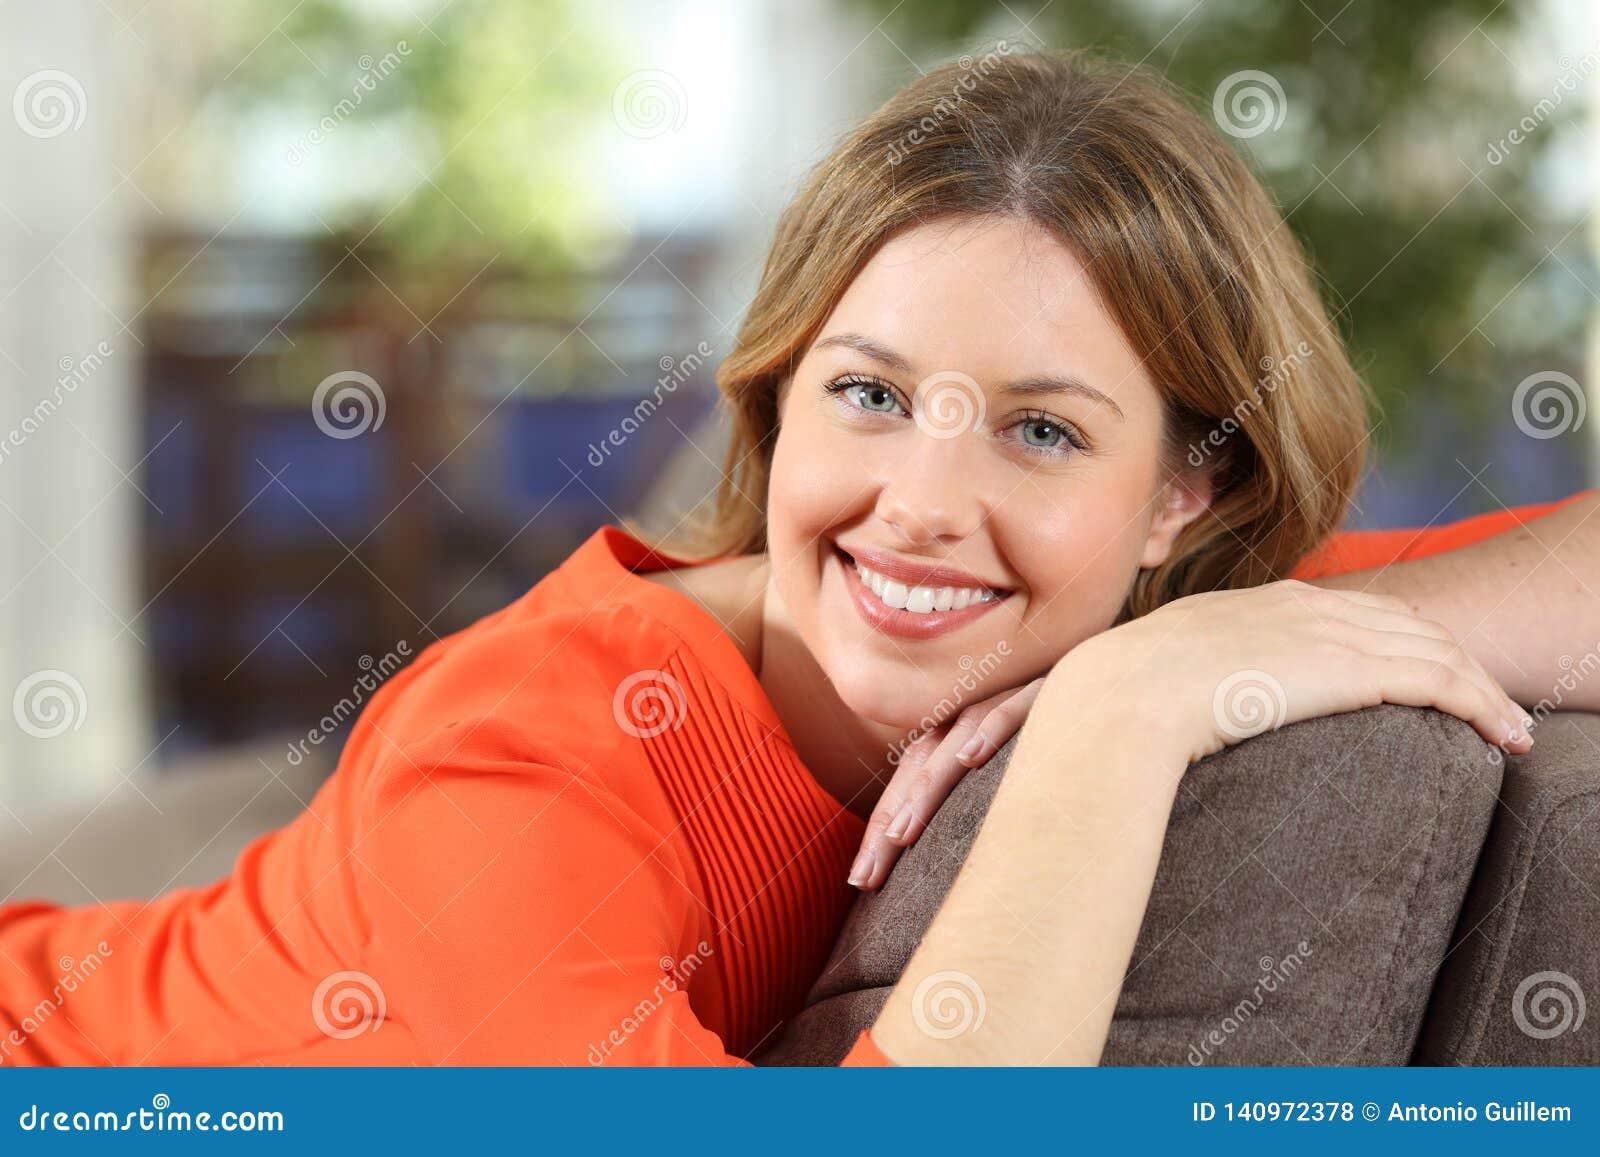 Happy woman posing at home looking at camera